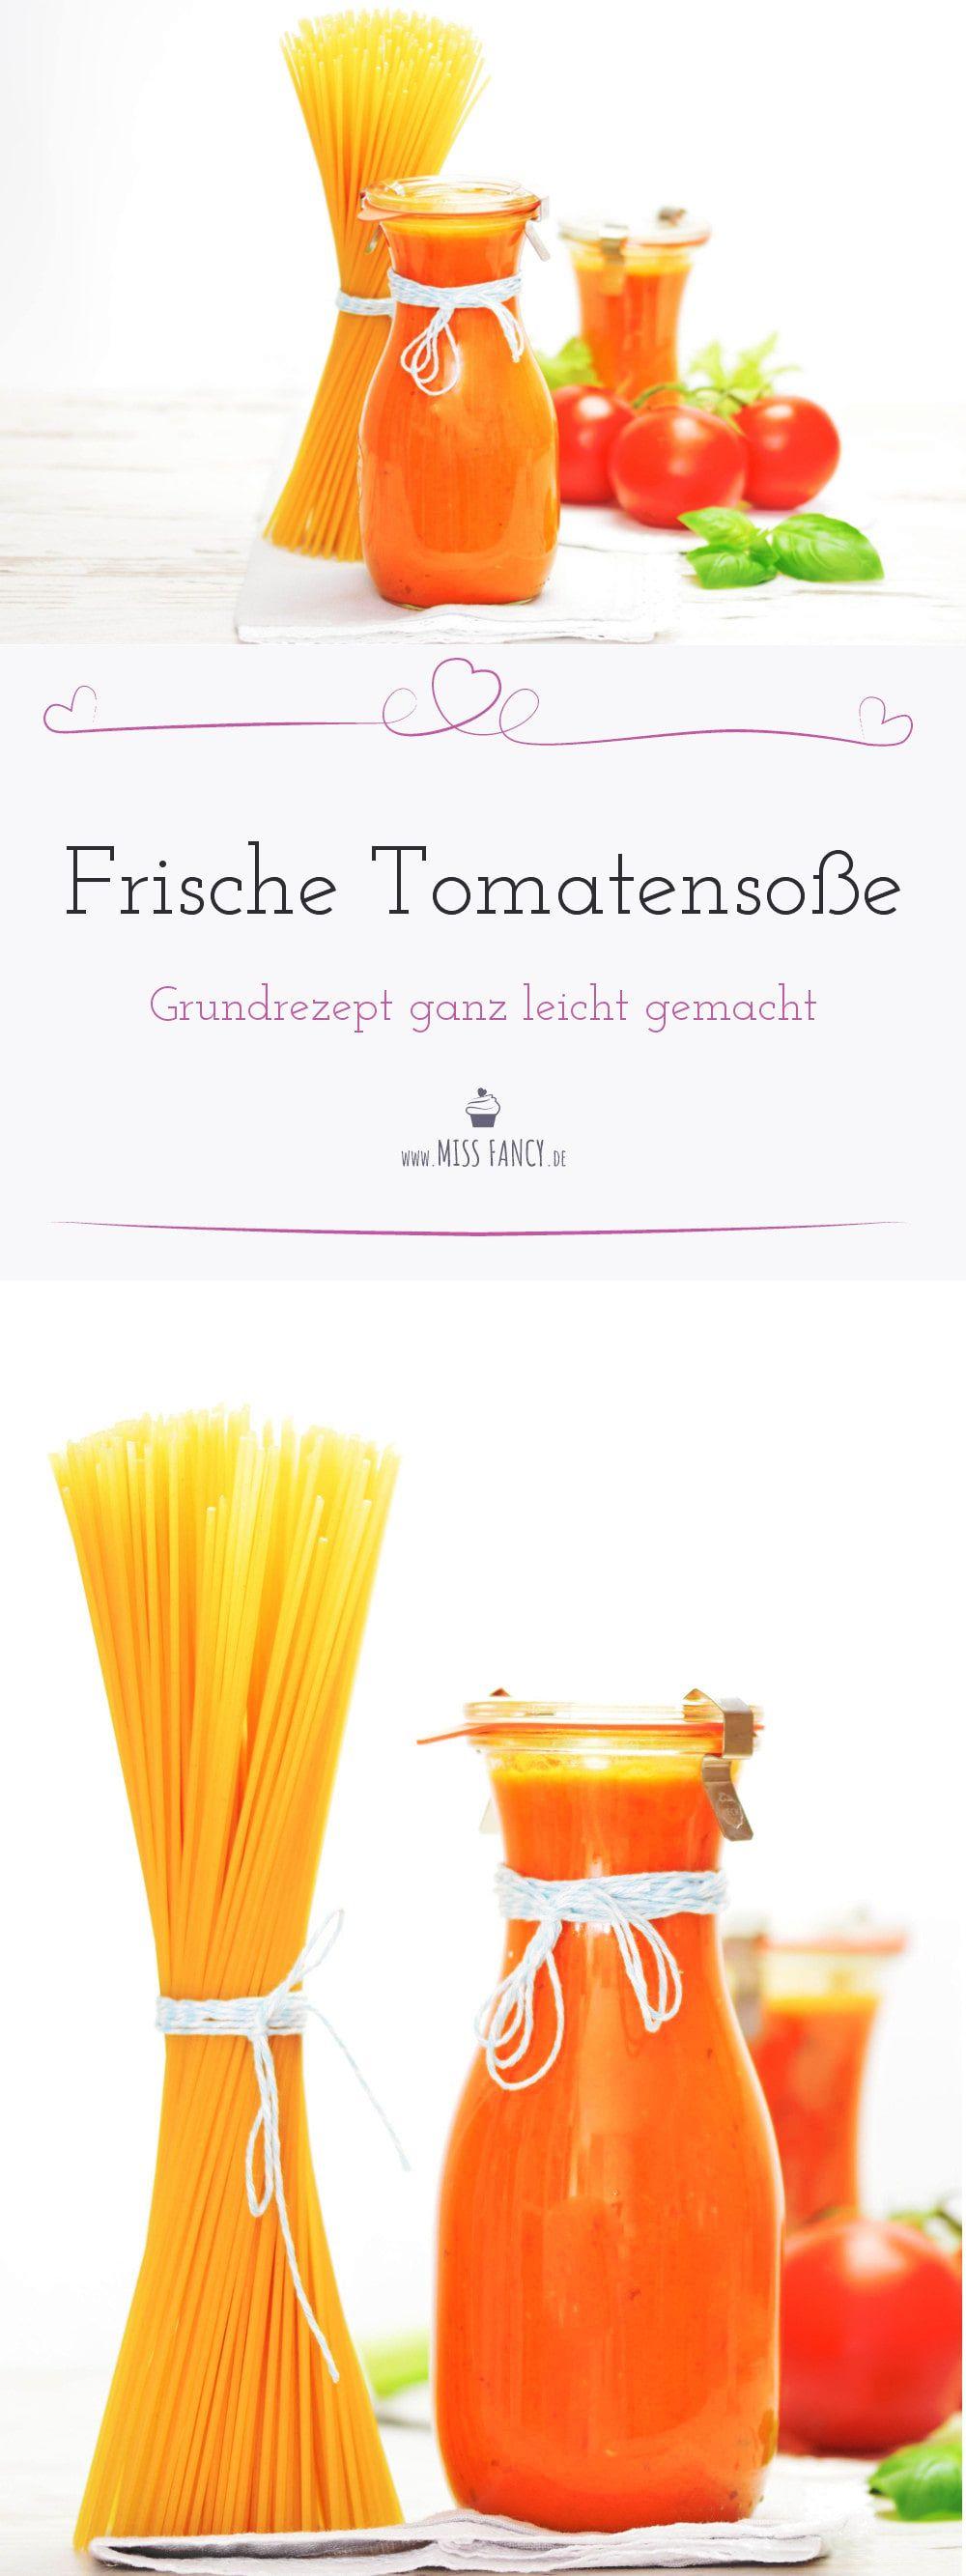 frische Tomatensoße Grundrezept leicht gemacht missfancy